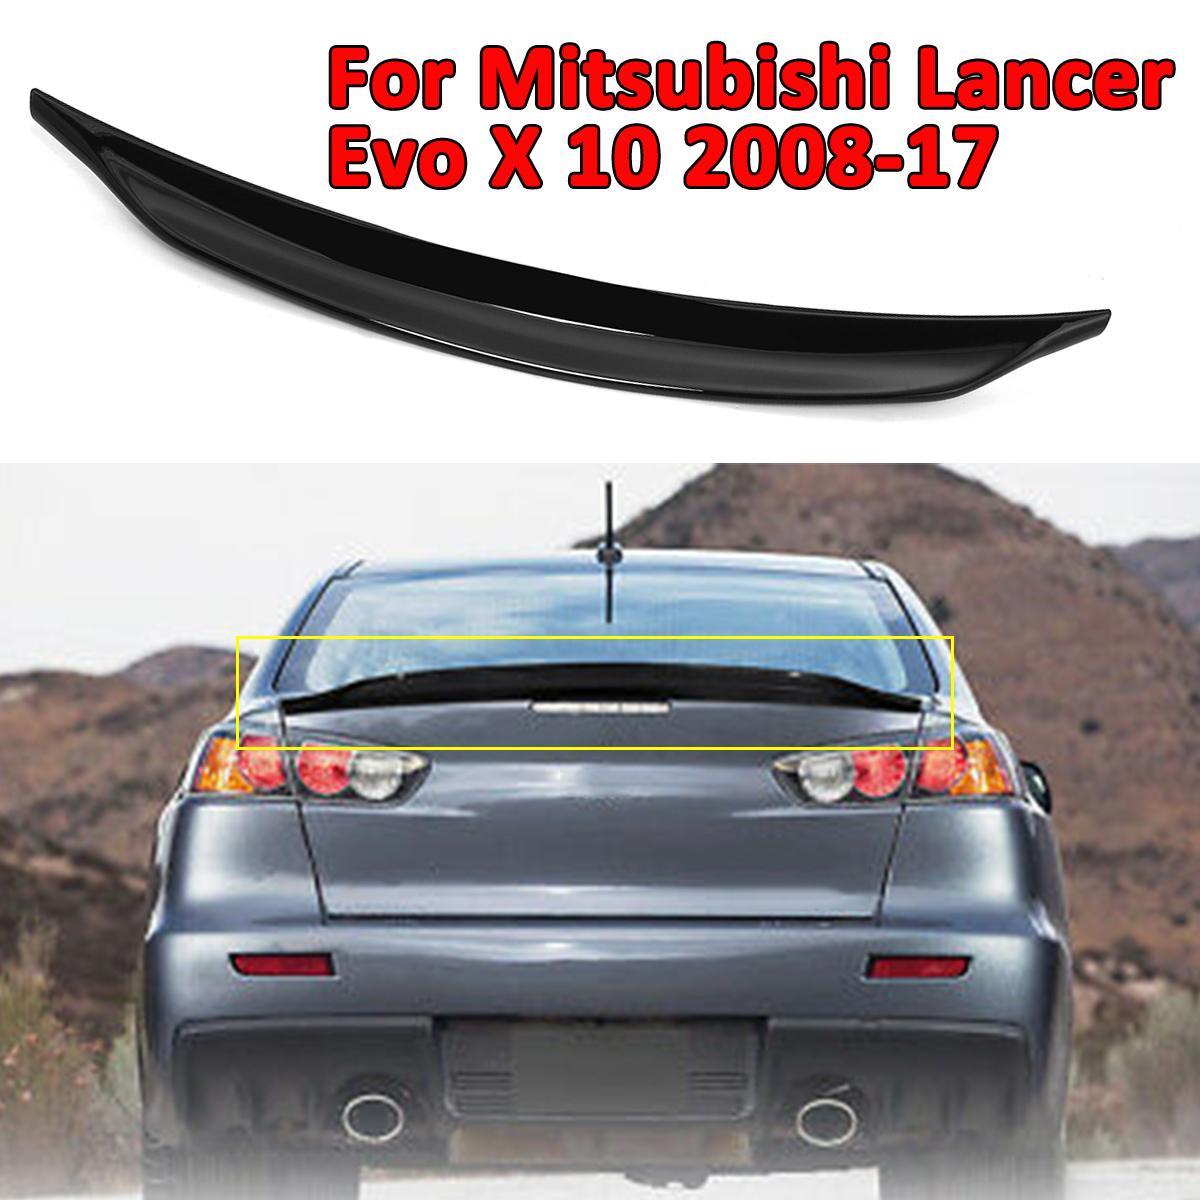 Bumper Reflector Set For 08-17 Mitsubishi Lancer 11-12 Outlander Sport RVR Rear